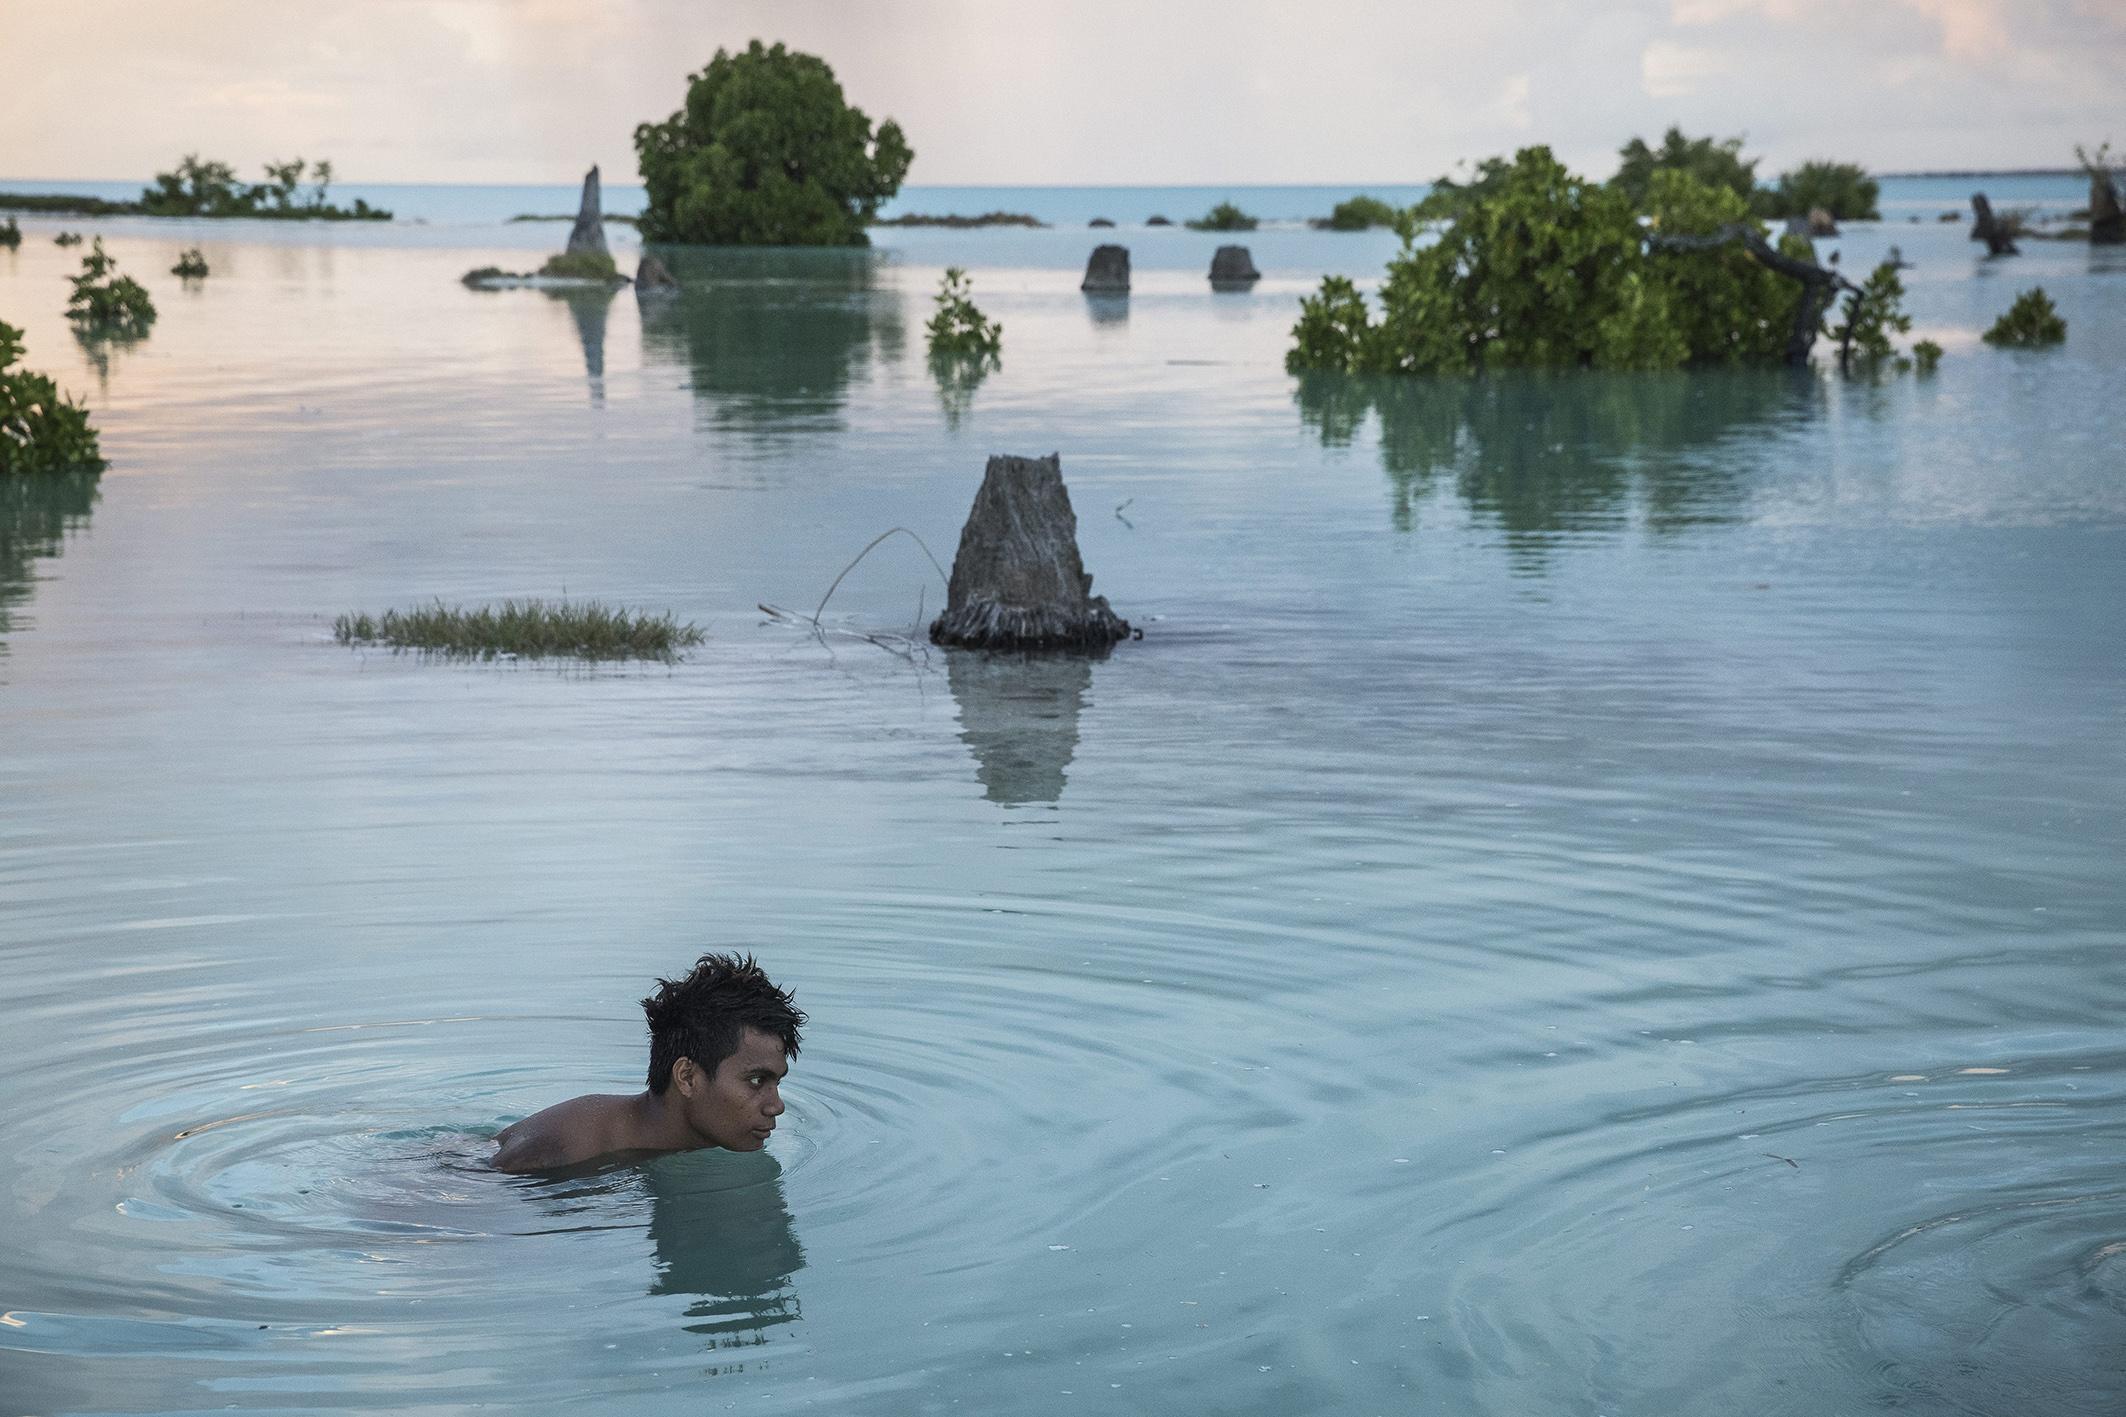 """Peia Kararaua (16 ans), dans un quartier inondé du village d'Aberao, îles Kiribati, l'un des pays les plus durement touchés par la montée du niveau des mers. © Vlad Sokhin / Cosmos / Panos Pictures / laif Peia Kararaua (16) in a flooded part of the village of Aberao, Kiribati, one of the countries most affected by rising sea levels. © Vlad Sokhin / Cosmos / Panos Pictures / laif Photo libre de droit uniquement dans le cadre de la promotion de la 29e édition du Festival International du Photojournalisme """"Visa pour l'Image - Perpignan"""" 2017 au format 1/4 de page maximum. Résolution maximale pour publication multimédia : 72 dpi Mention du copyright obligatoire. The photos provided here are copyright but may be used royalty-free for press presentation and promotion of the 29th International Festival of Photojournalism Visa pour l'Image - Perpignan 2017. Maximum size printed: quarter pageMaximum resolution for online publication: 72 dpi Copyright and photo credits (listed with captions) must be printed."""